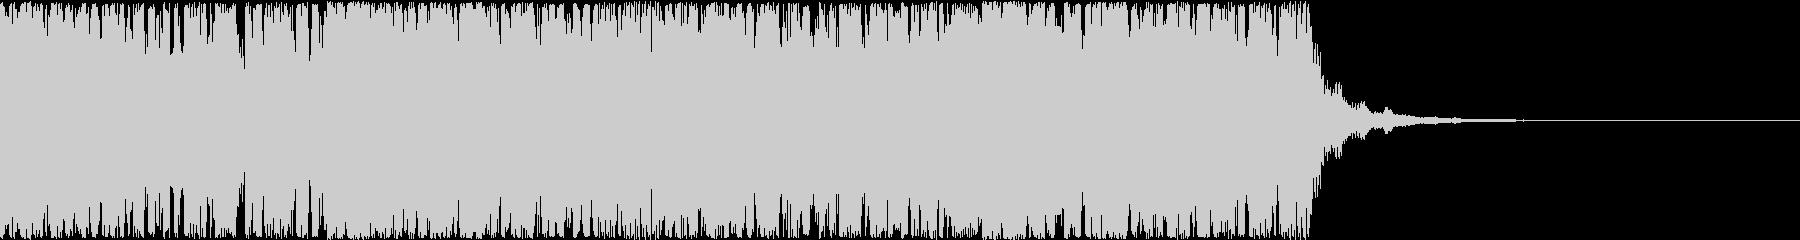 【バトル・サバイバル】緊張感のあるBGMの未再生の波形